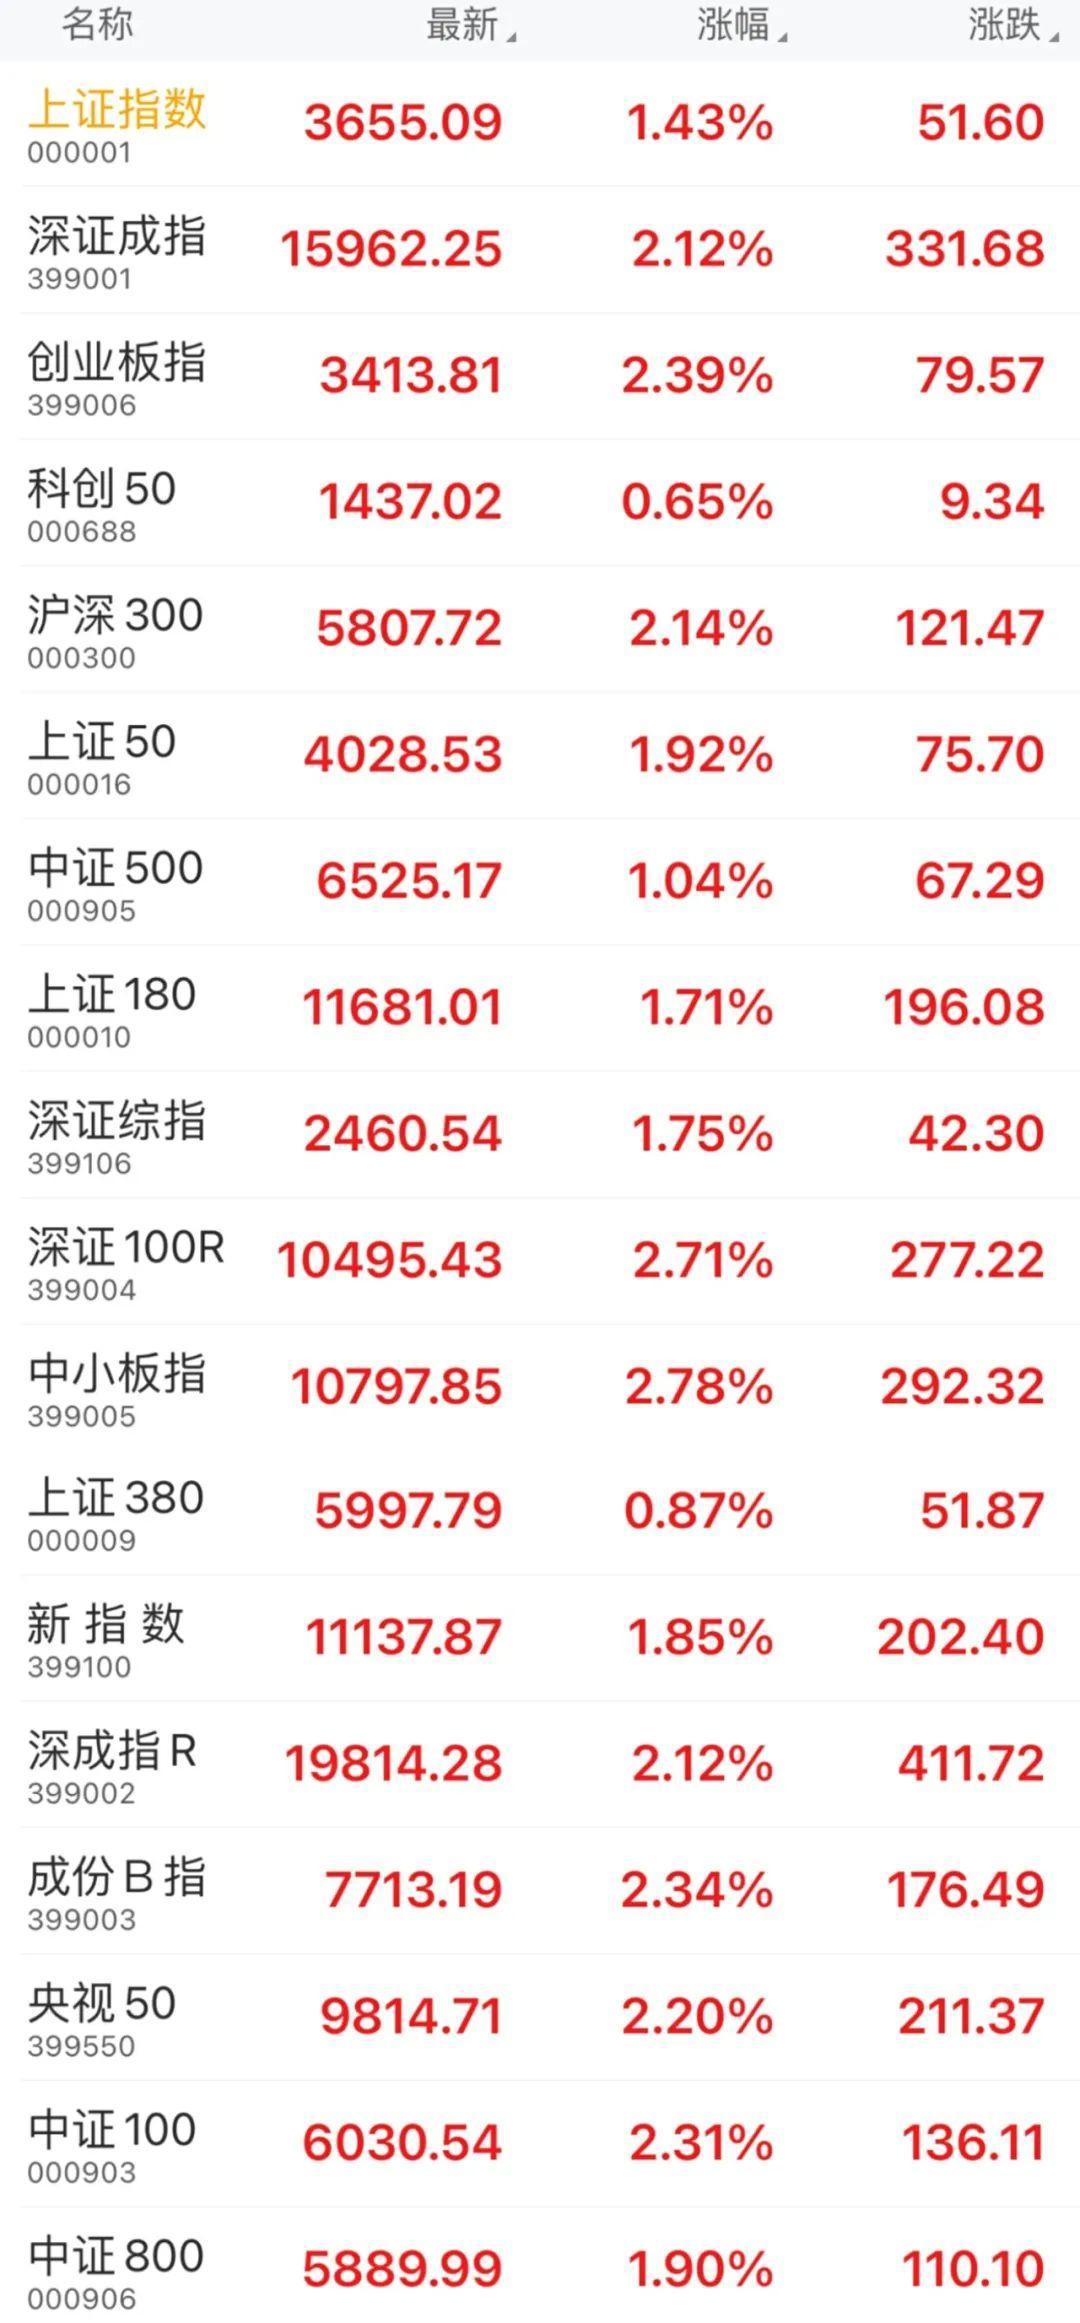 全线上涨,圆满结束!股东人均收入14万元!你在退缩吗?